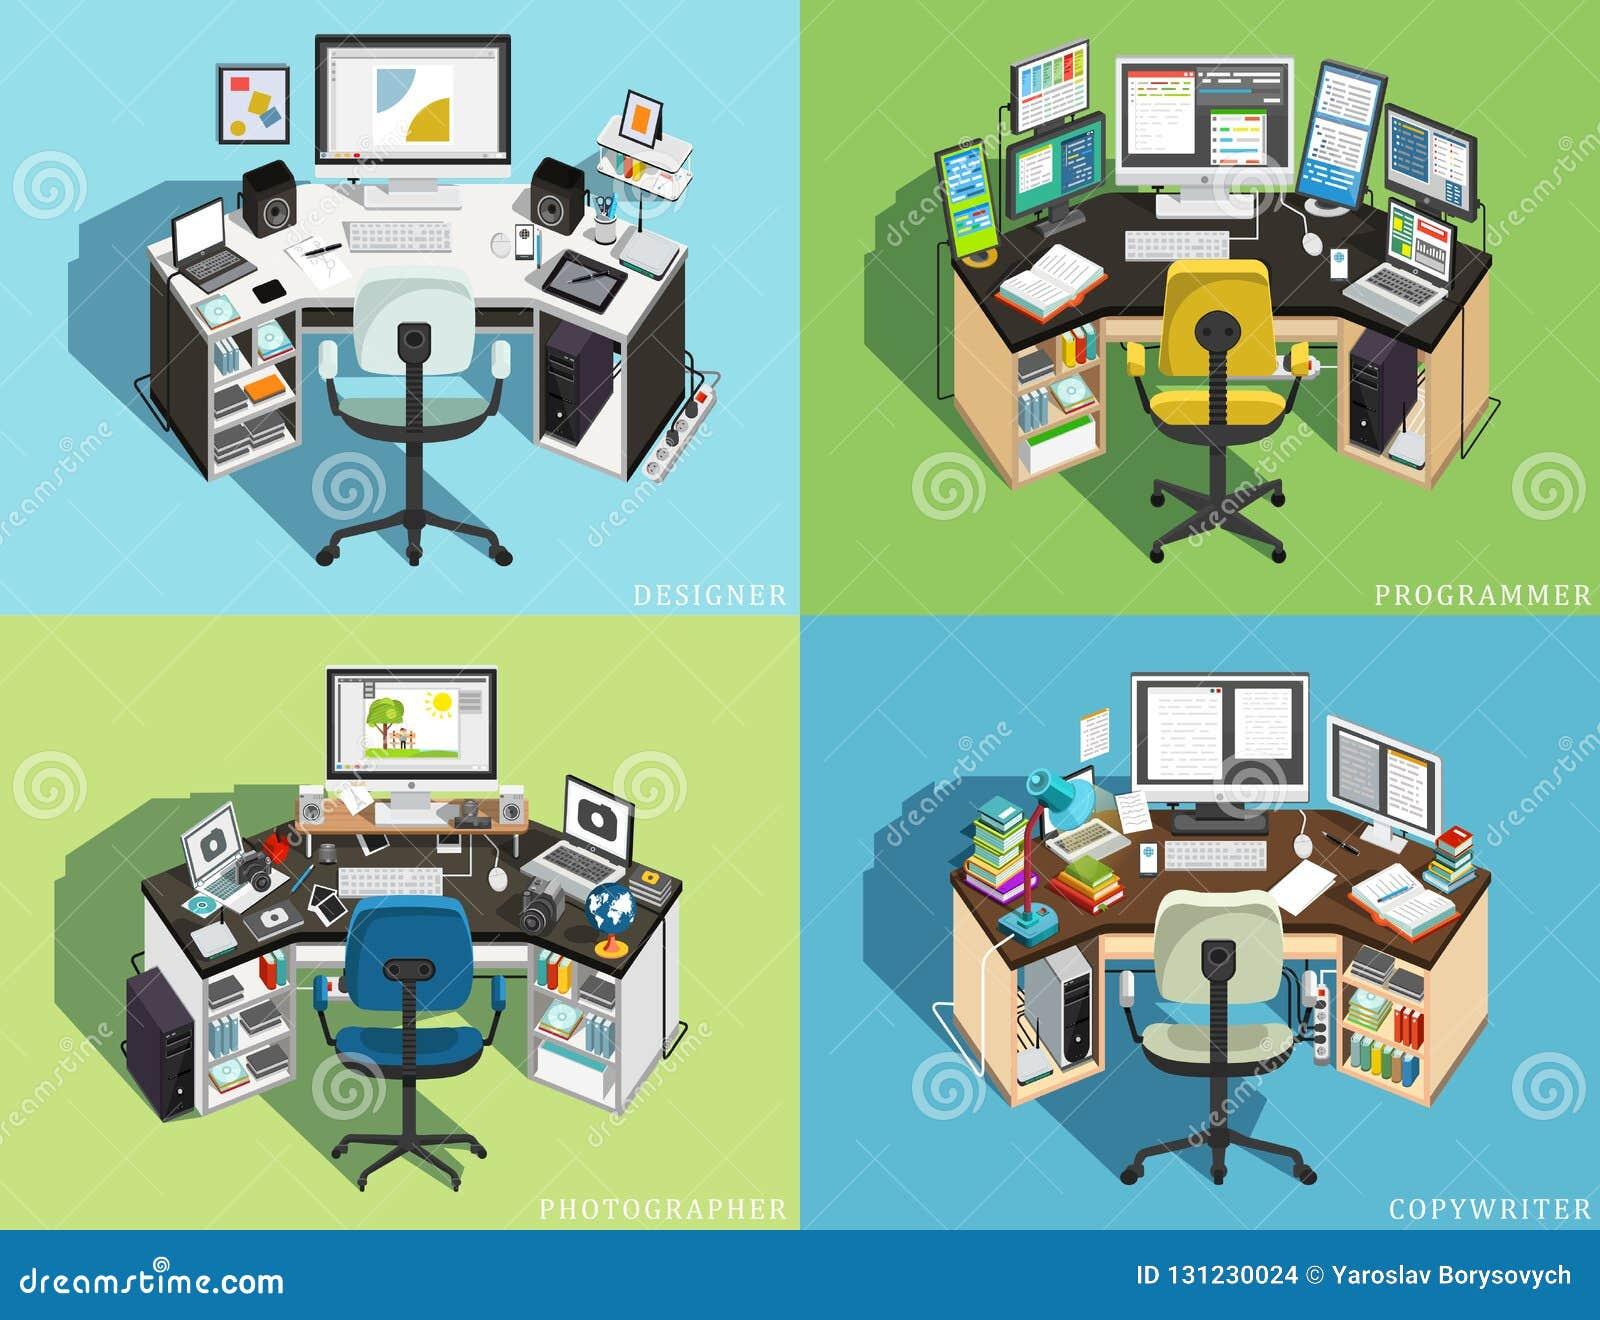 Рабочее место на компьютере различных профессий Программист, дизайнерский фотограф, Copywriter вектор